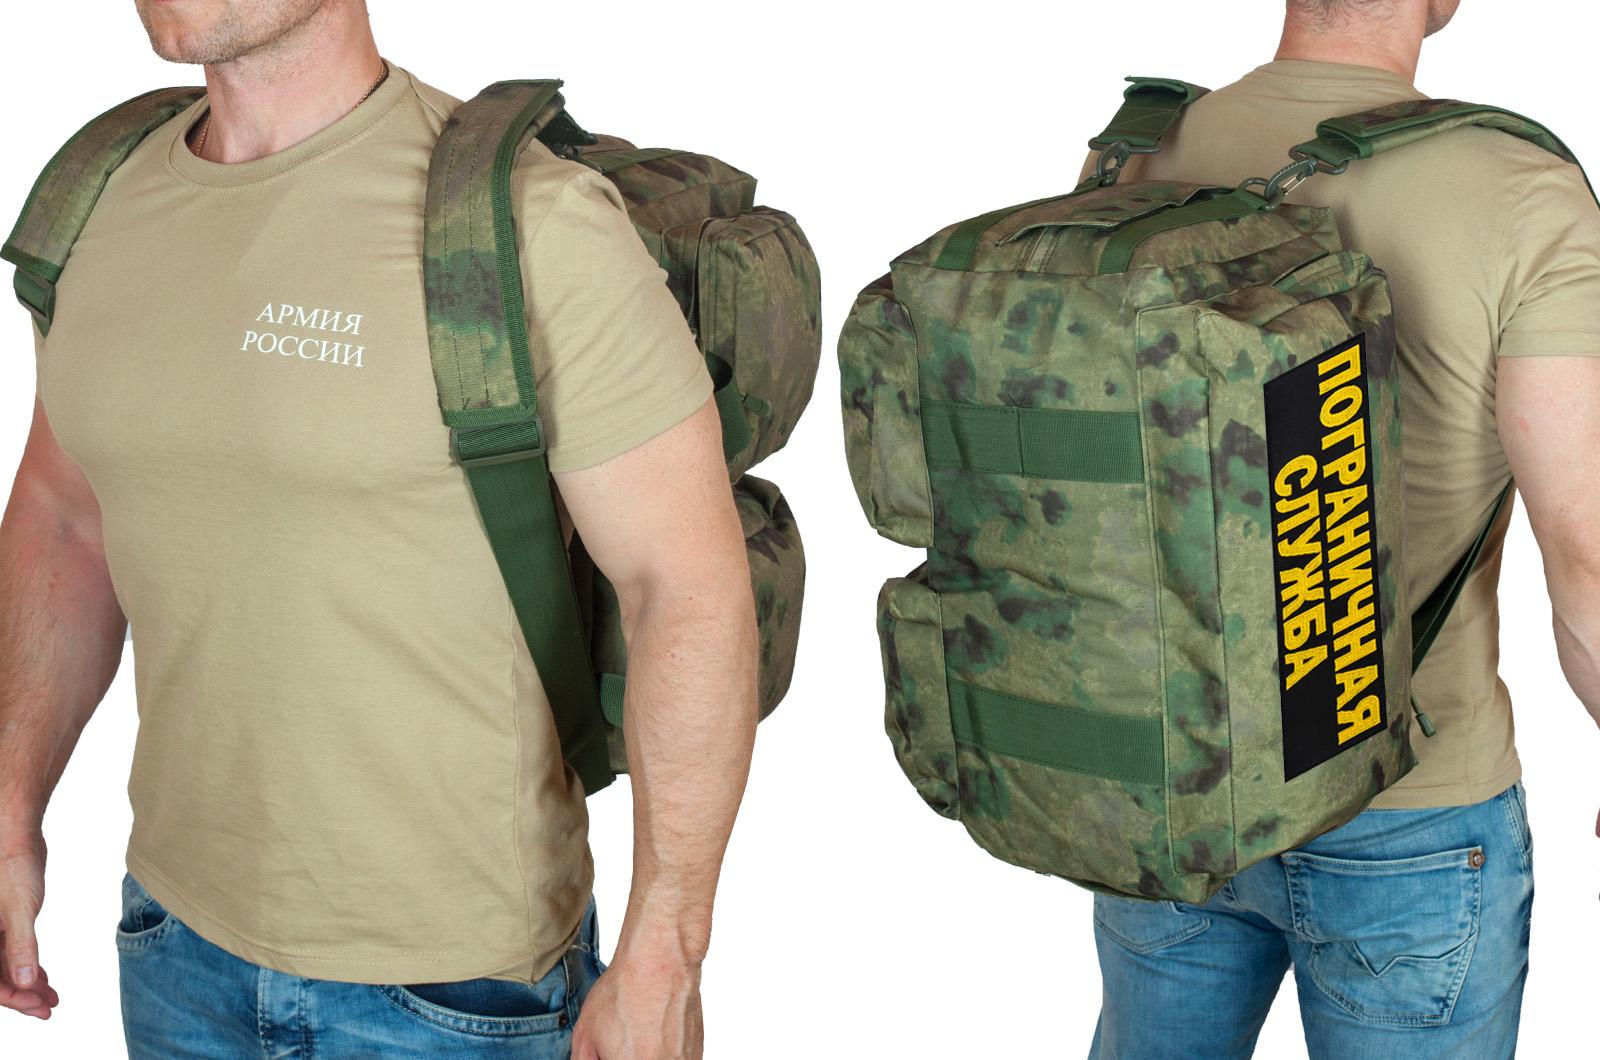 Заплечная камуфляжная сумка-баул ПС